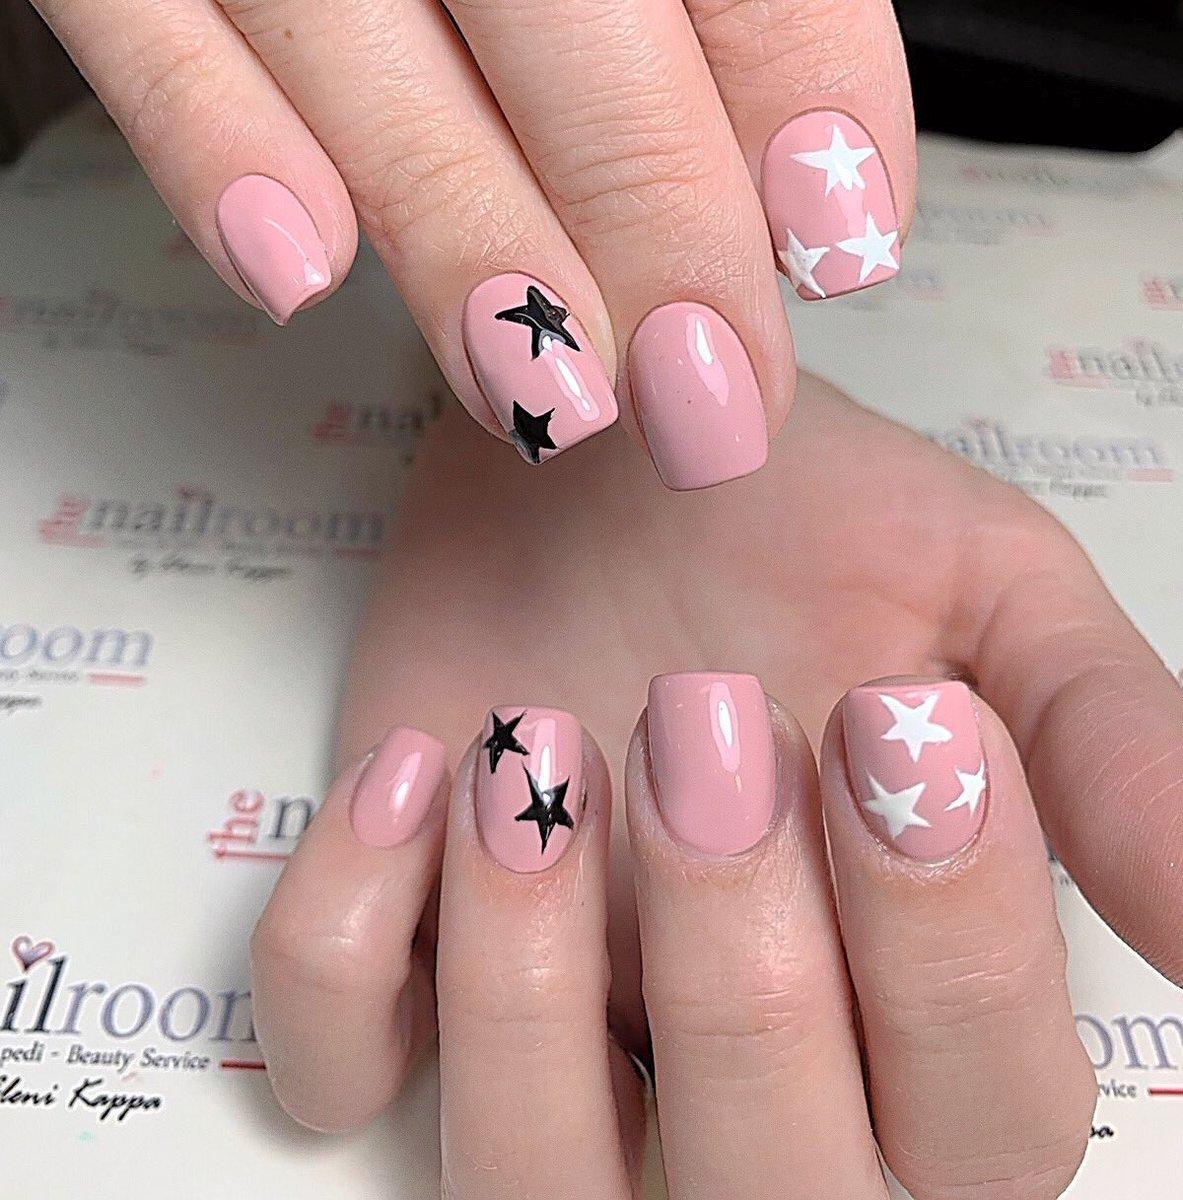 Ακρυλικό-NailArt Ευβοίας 4 Άγ.Ανάργυροι  2102320682 #thebestacrylicsystem #professionalnails #nails #nailsnailsnails #nails#nailsofinstagram #nailstagram #photography #photo #nailphoto #acrylicnails #acrylicsystem #elenikappa #elenikappateam #thenailroombyelenikappapic.twitter.com/DCuJk6hPhj